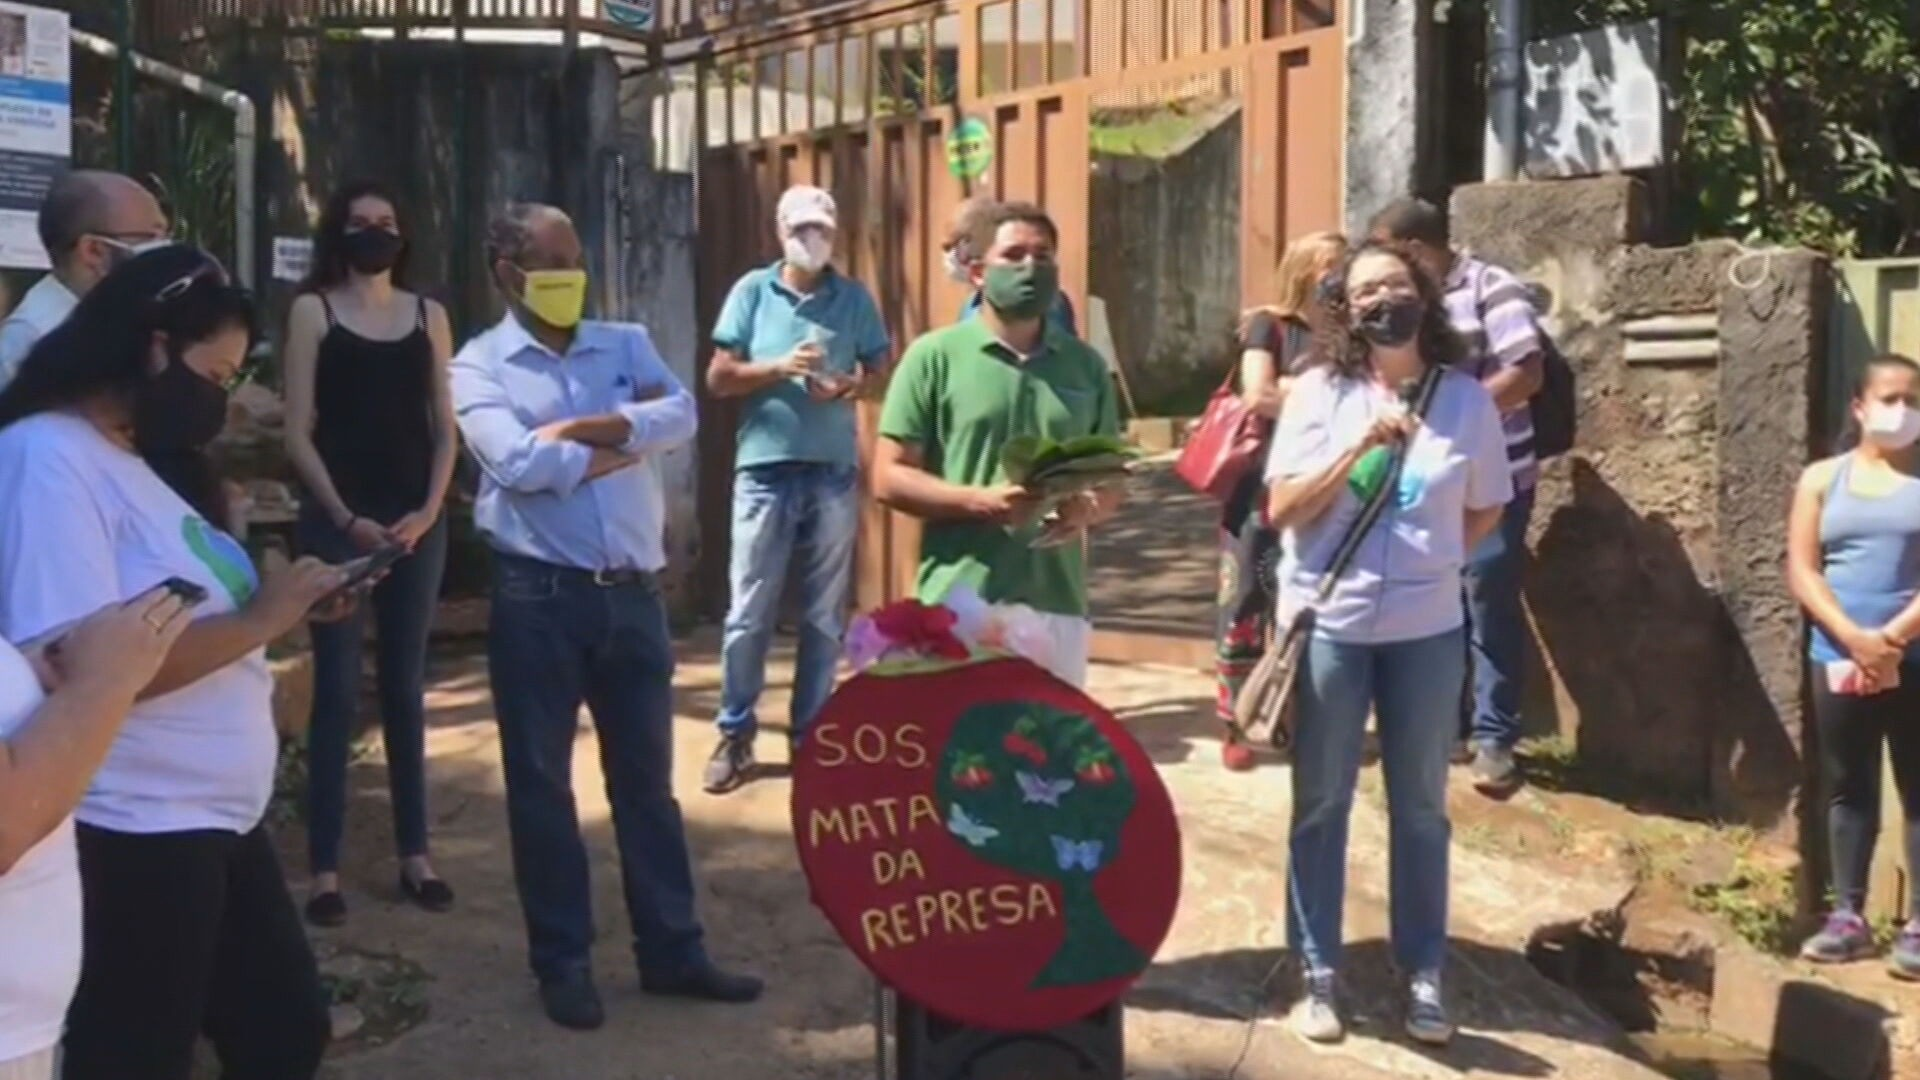 Moradores protestam contra construção de empreendimento imobiliário no bairro Havaí, em BH